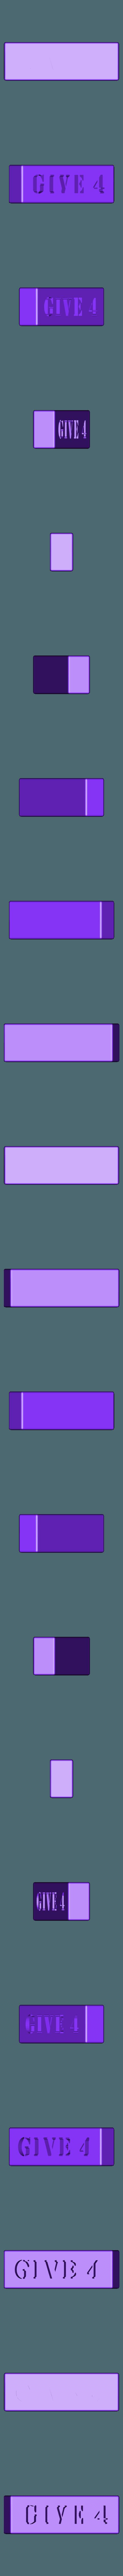 Jenga block - Give 4.stl Download STL file Jenga Rules • 3D print model, Made_In_Space